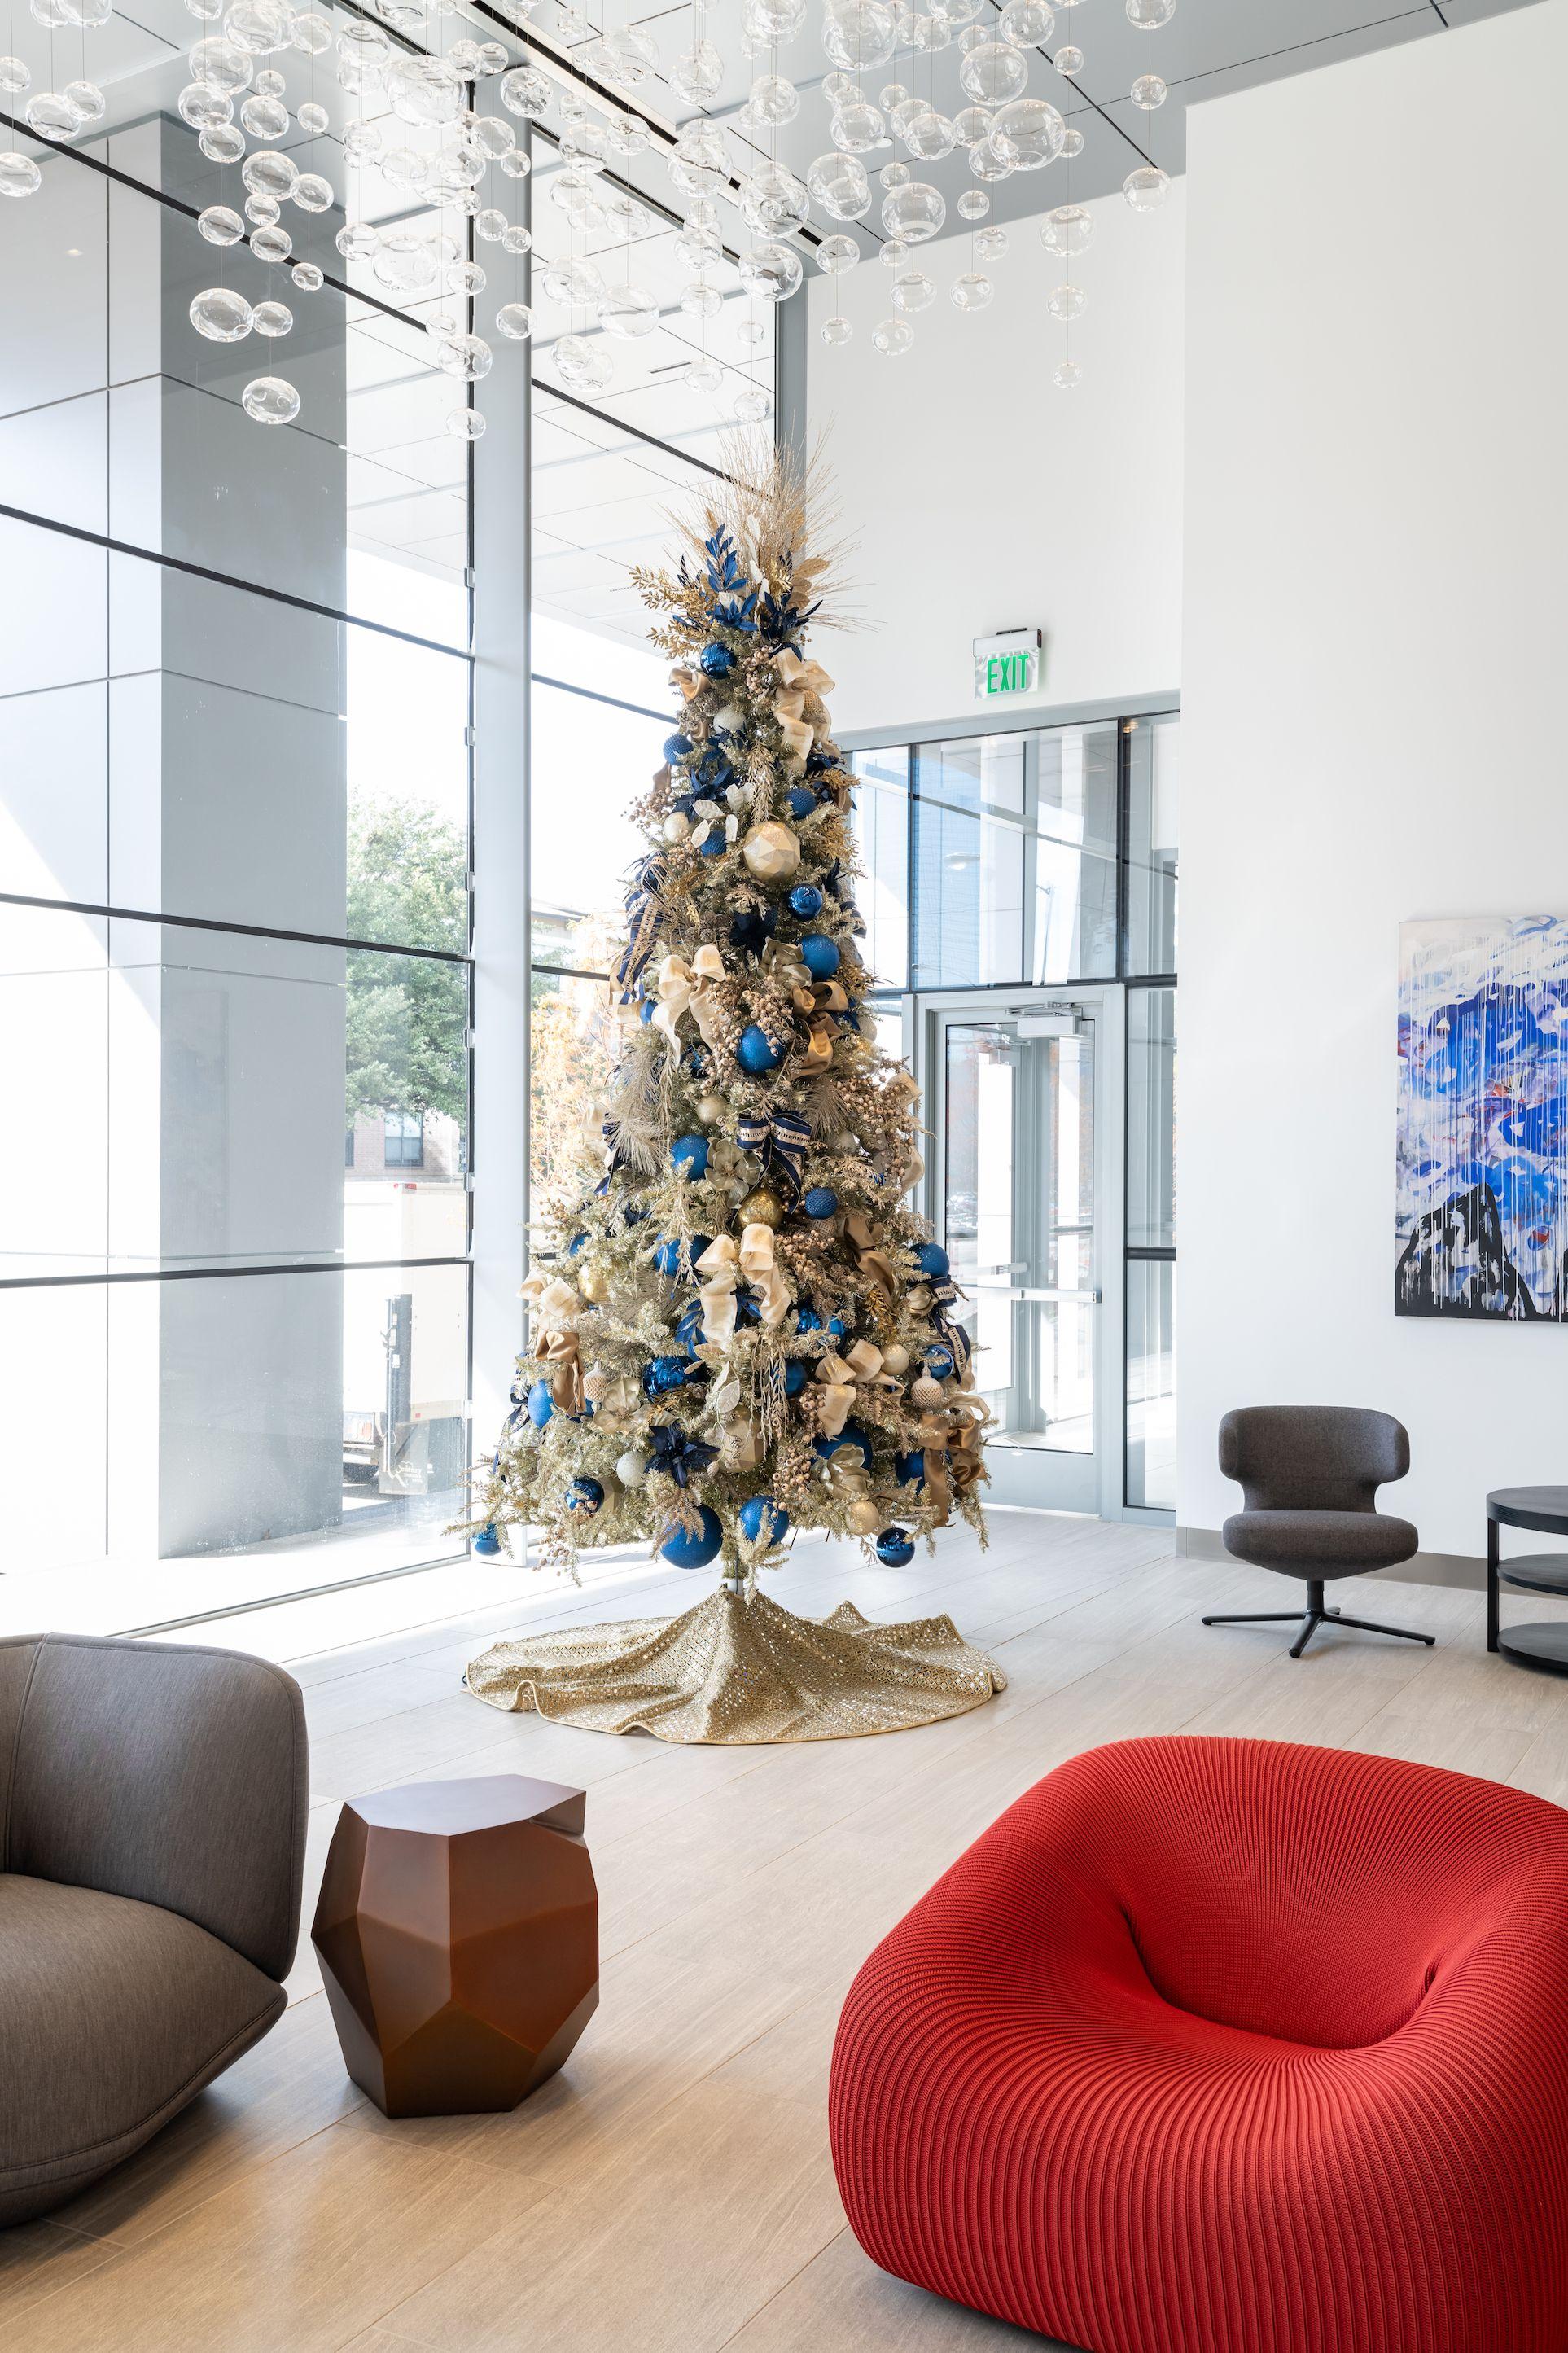 Commercial Christmas Lobby Decor Christmas Decorations Living Room Office Christmas Decorations